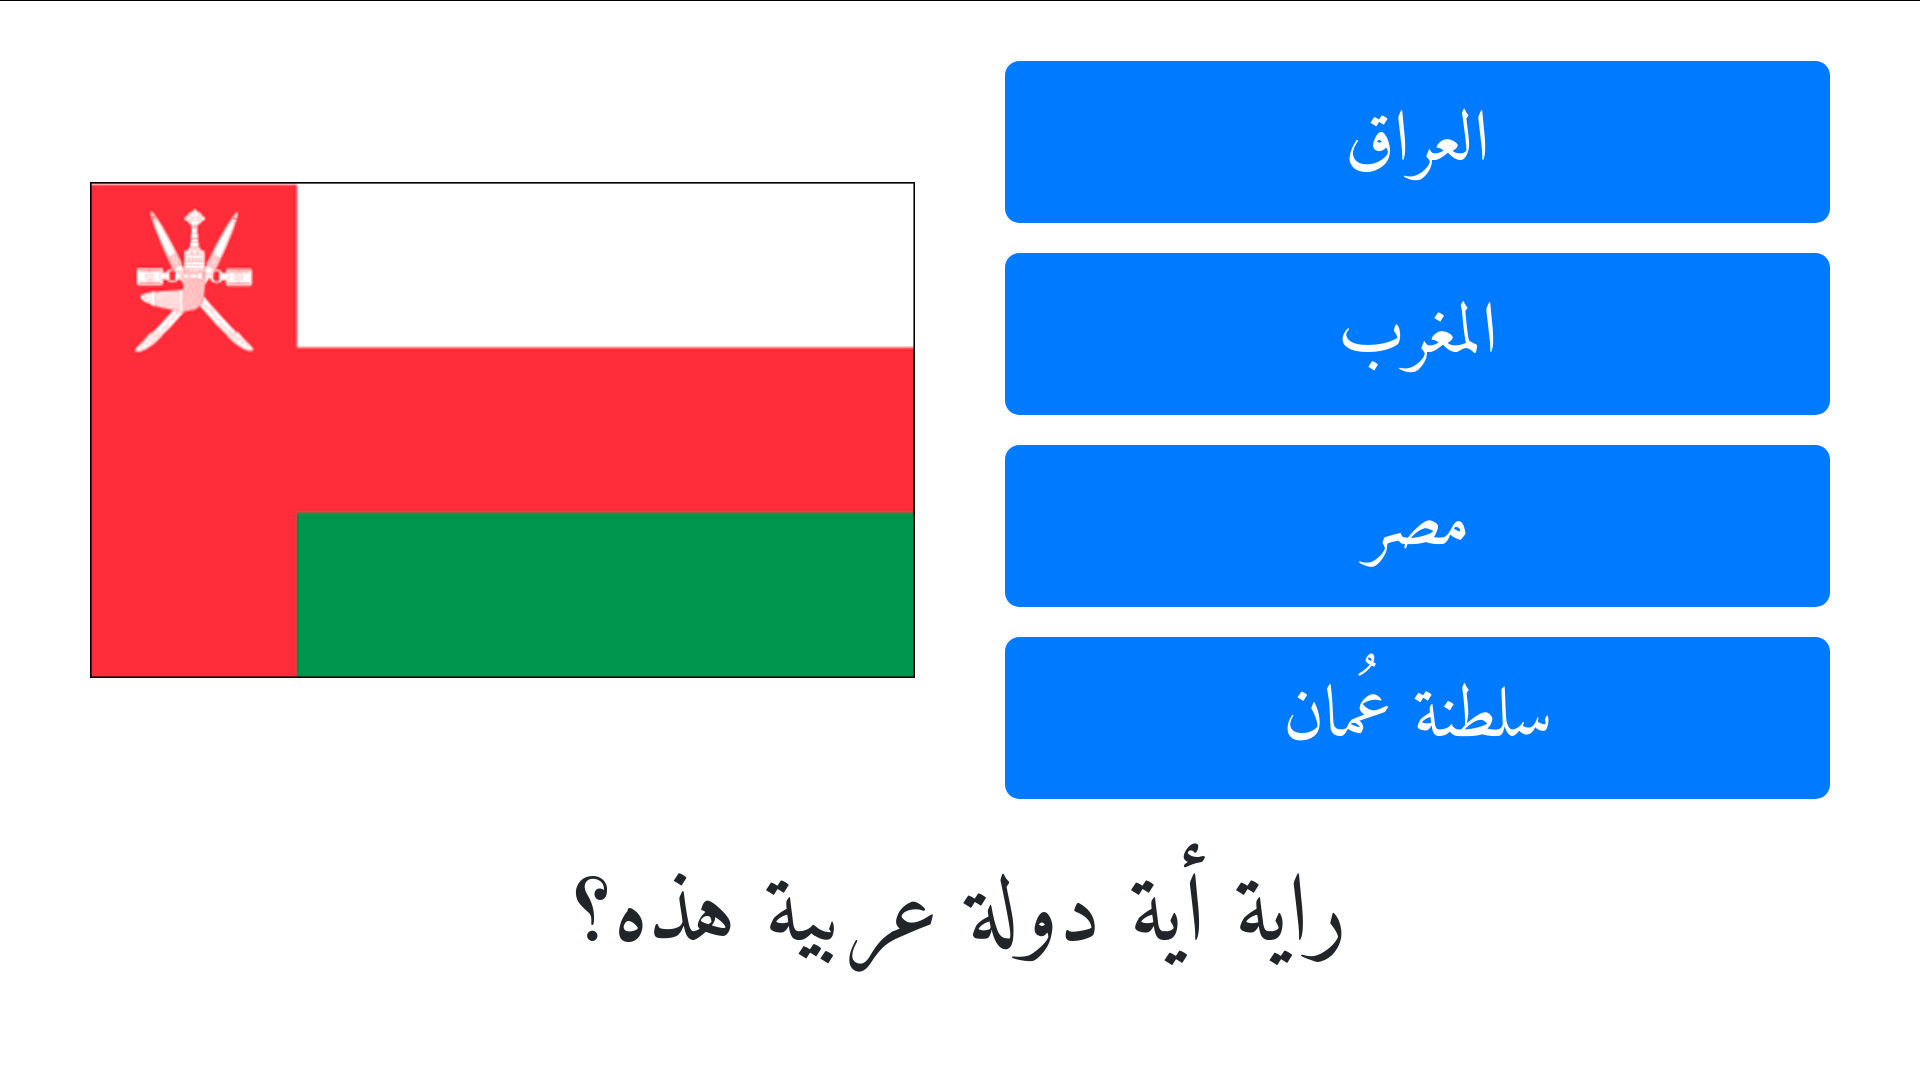 اختبر معلوماتك واختبر نفسك أعلام الدول العربية وأسماؤها باللغة العربية الفصحى سلطنة ع مان Chart Bar Chart Pie Chart